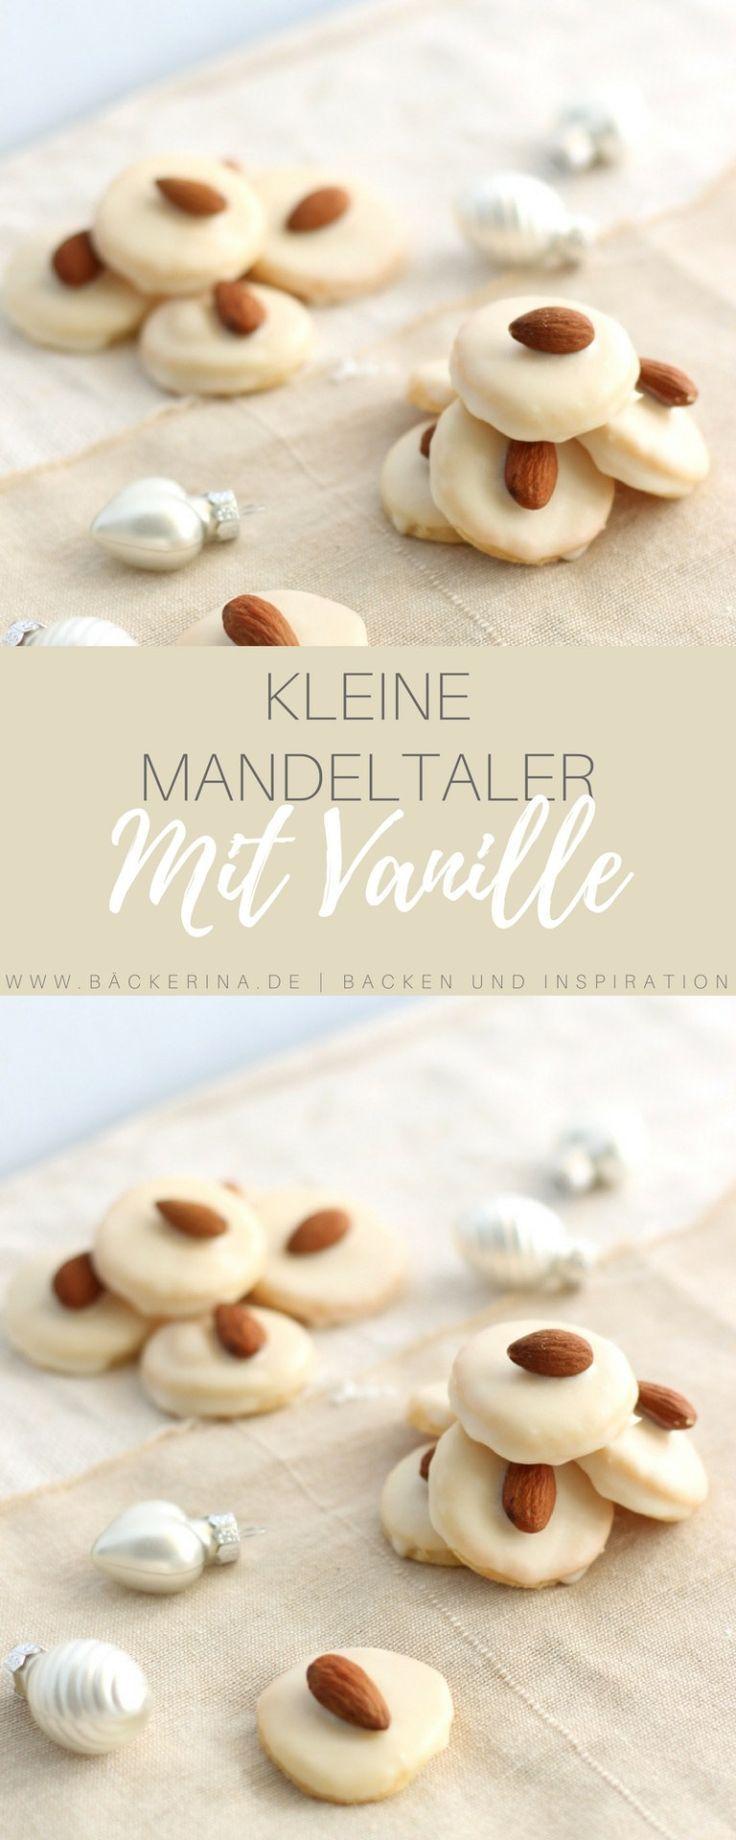 Mandeltaler mit Vanille - Einfaches Weihnachtsplätzchen Rezept  #einfaches #mandeltaler #rezept #vanille #weihnachtsplatzchen